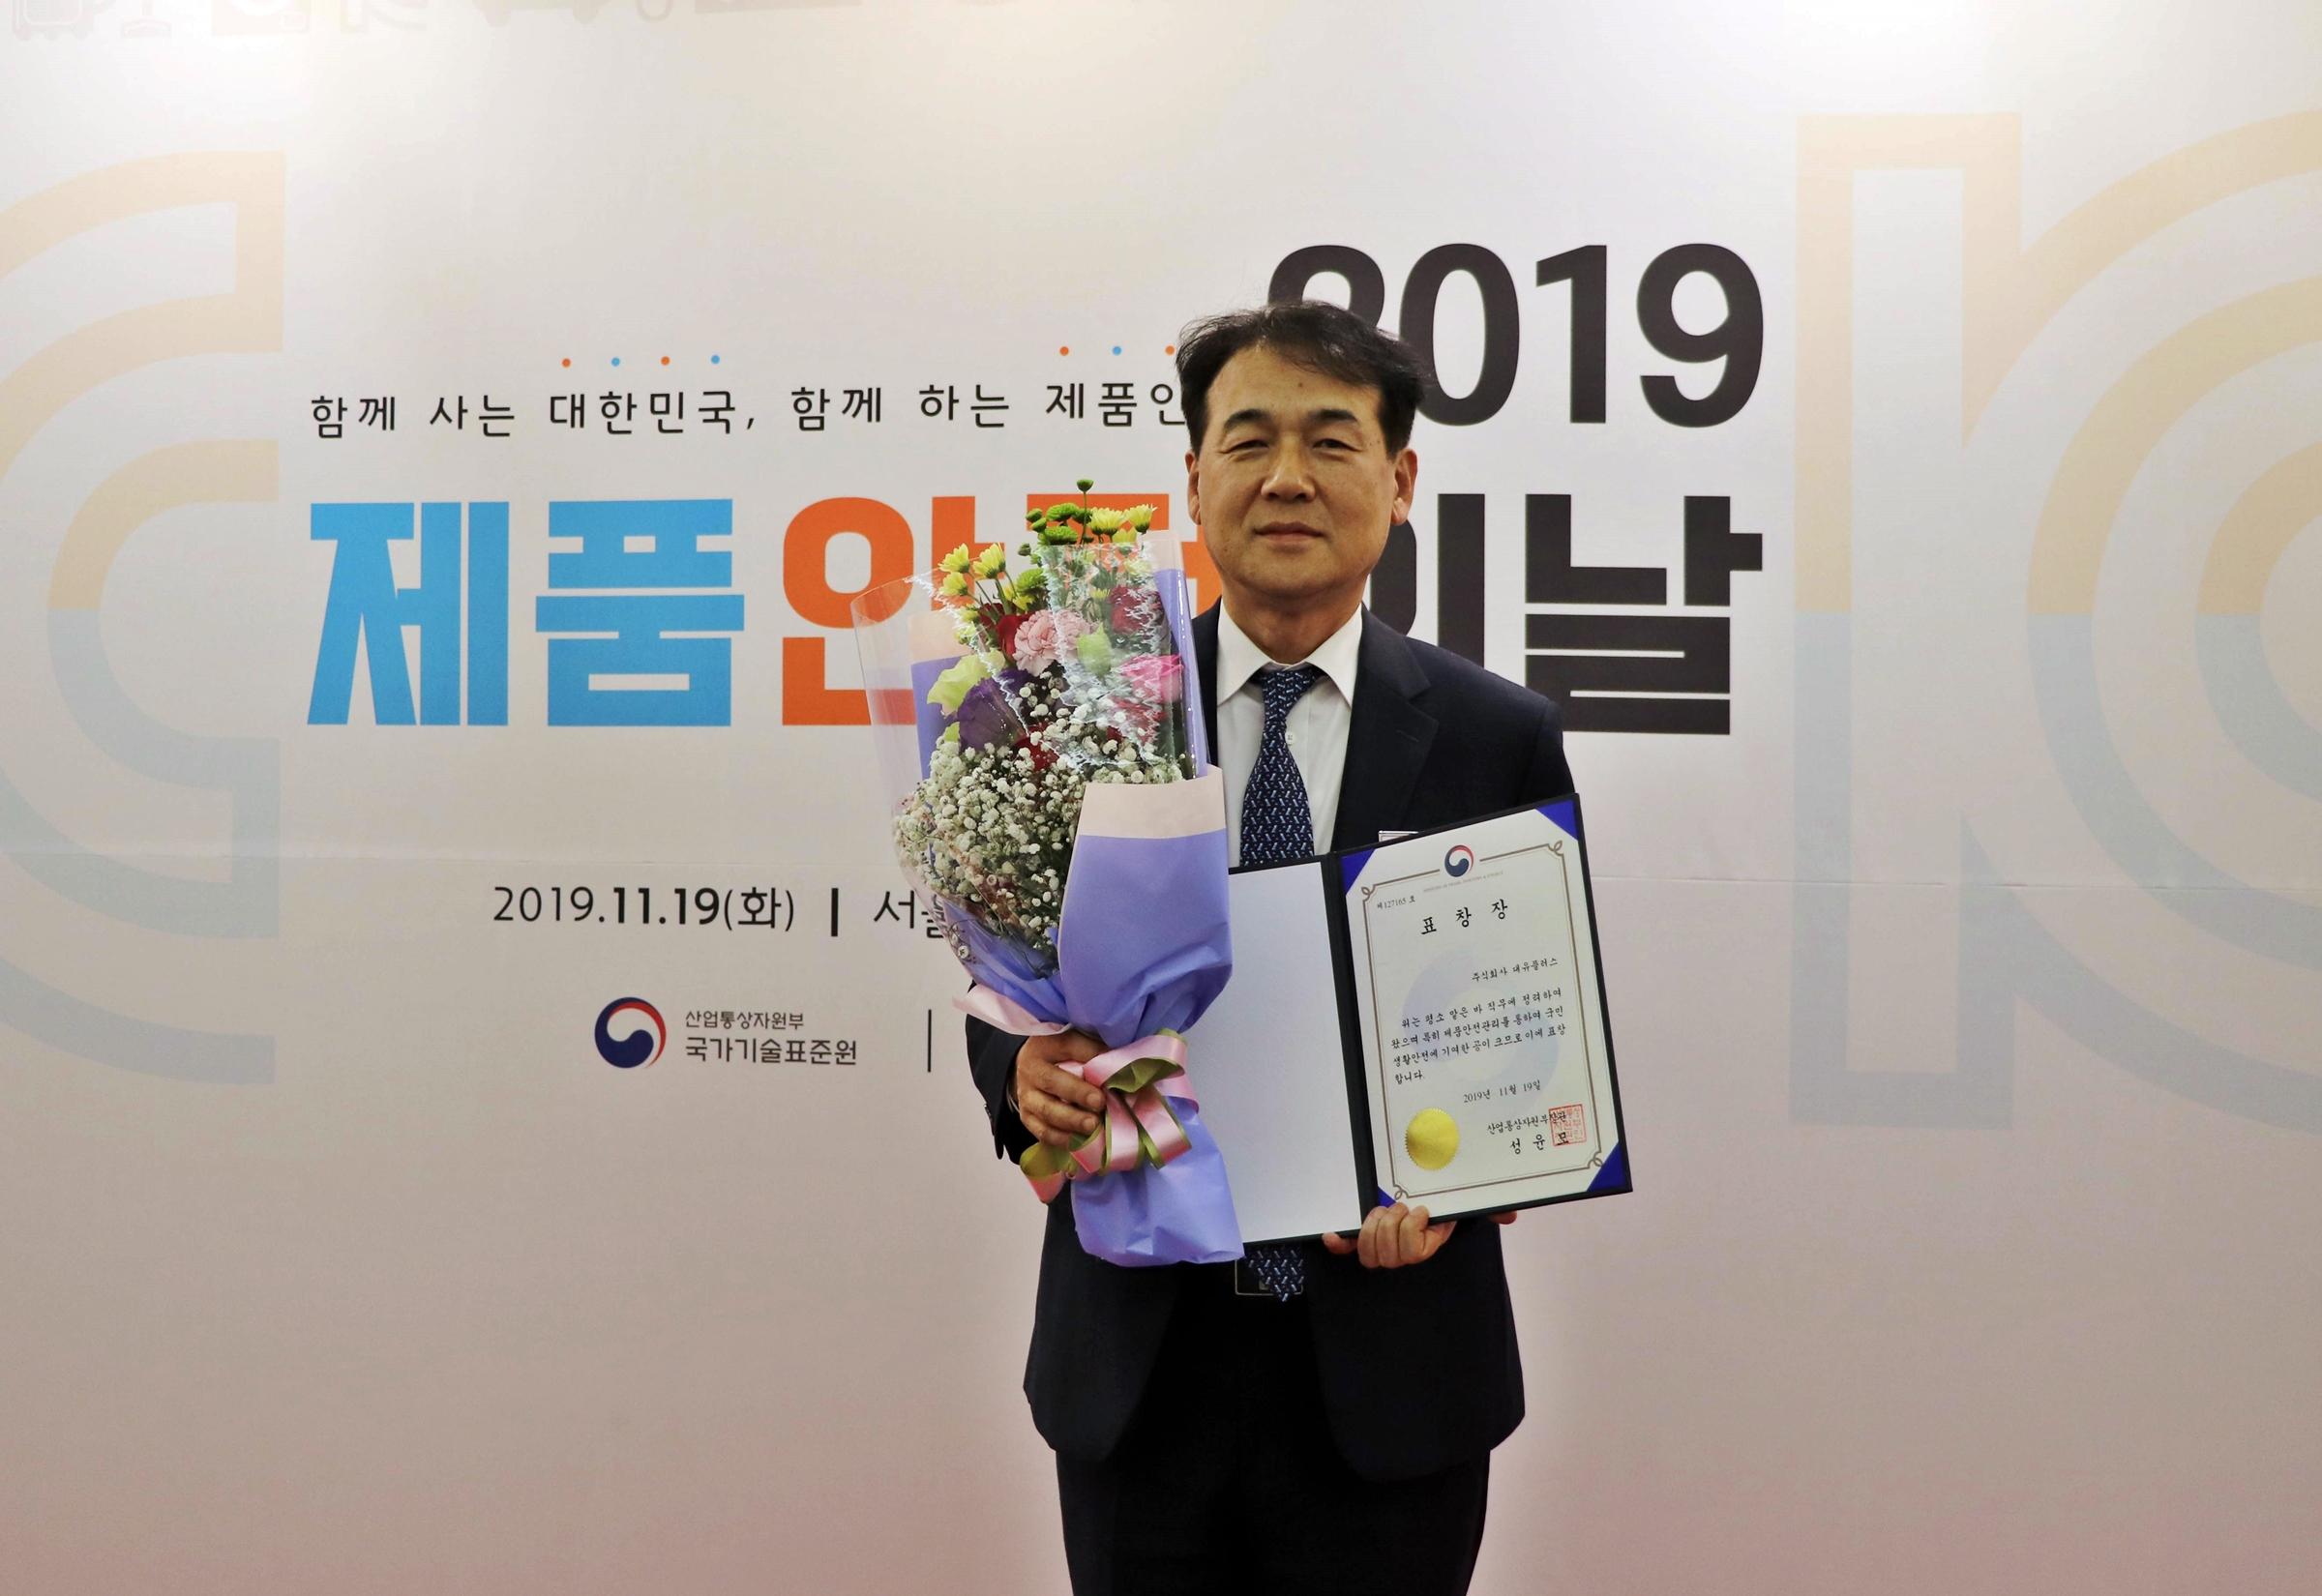 첨부 대유플러스 2019 제품안전의날 장관상 수상 (002).JPG